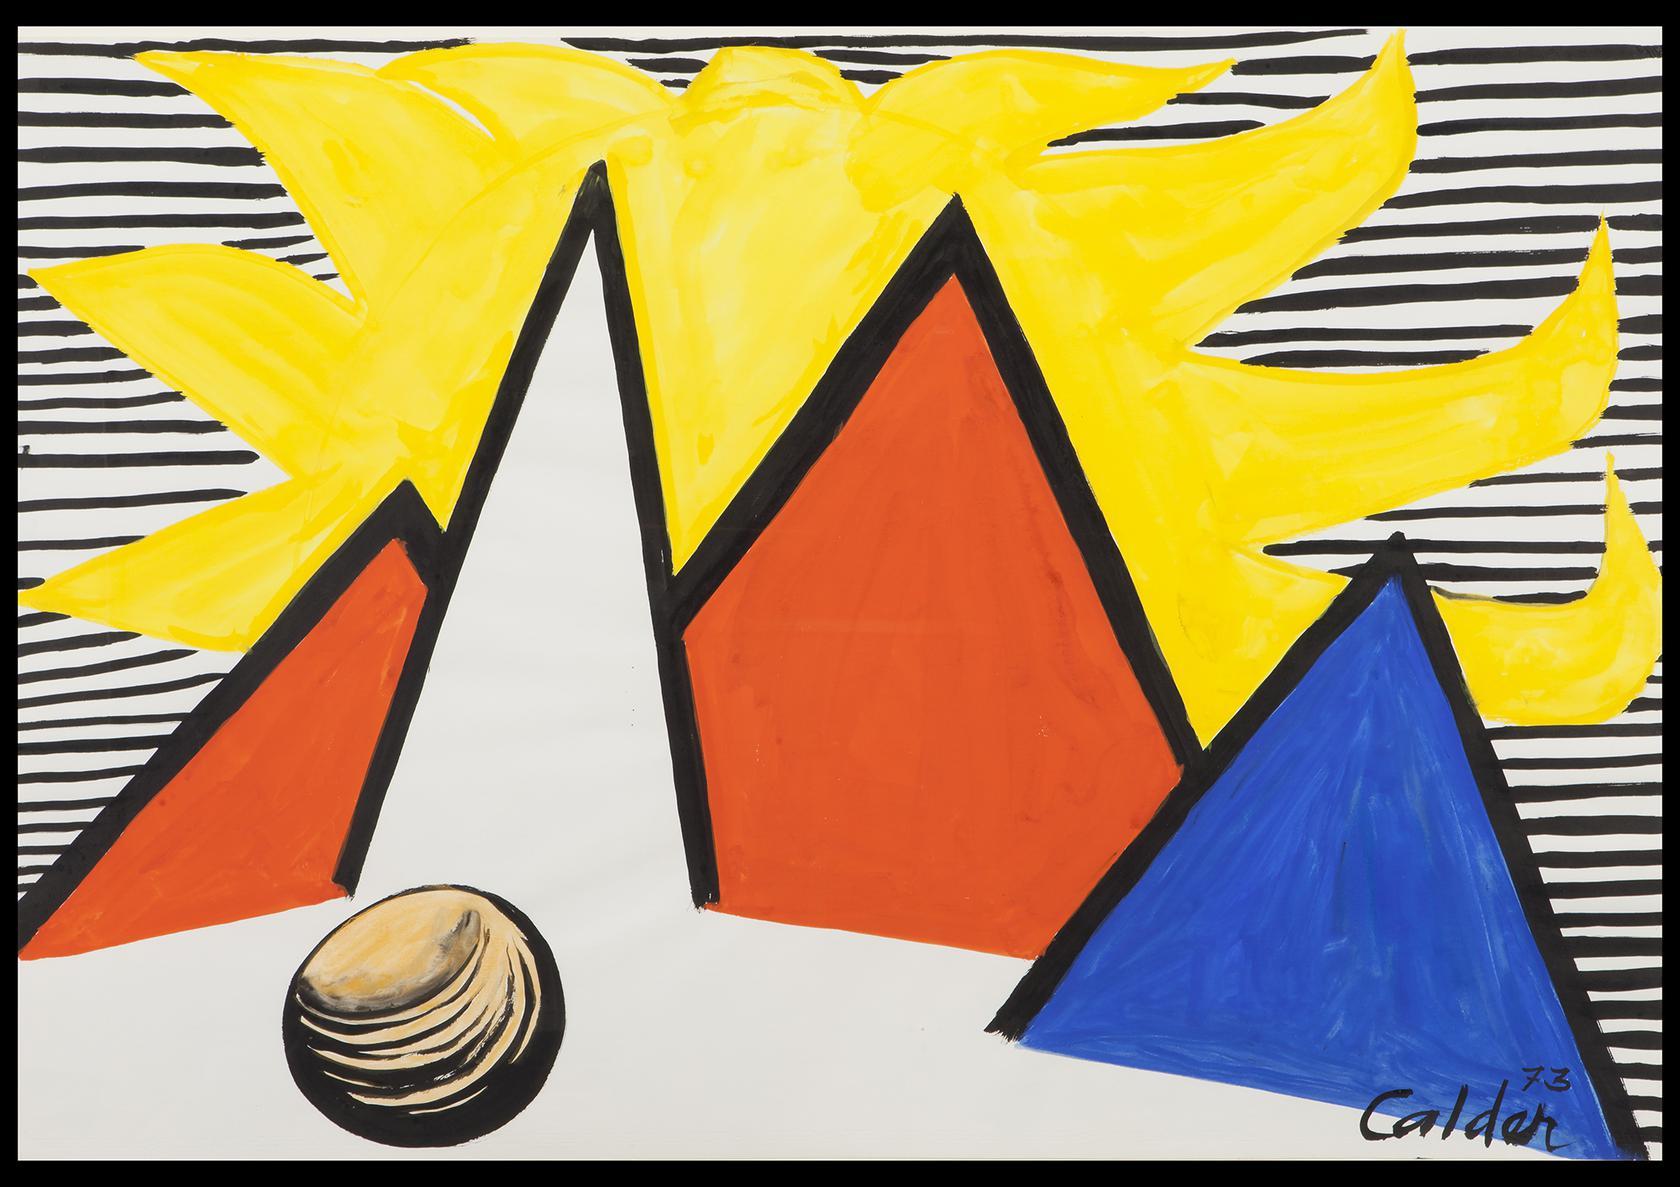 """אלכסנדר קאלדר, שמש גדולה צהובה, 1973 גואש ודיו על נייר, 109.5×74.6 ס""""מ"""